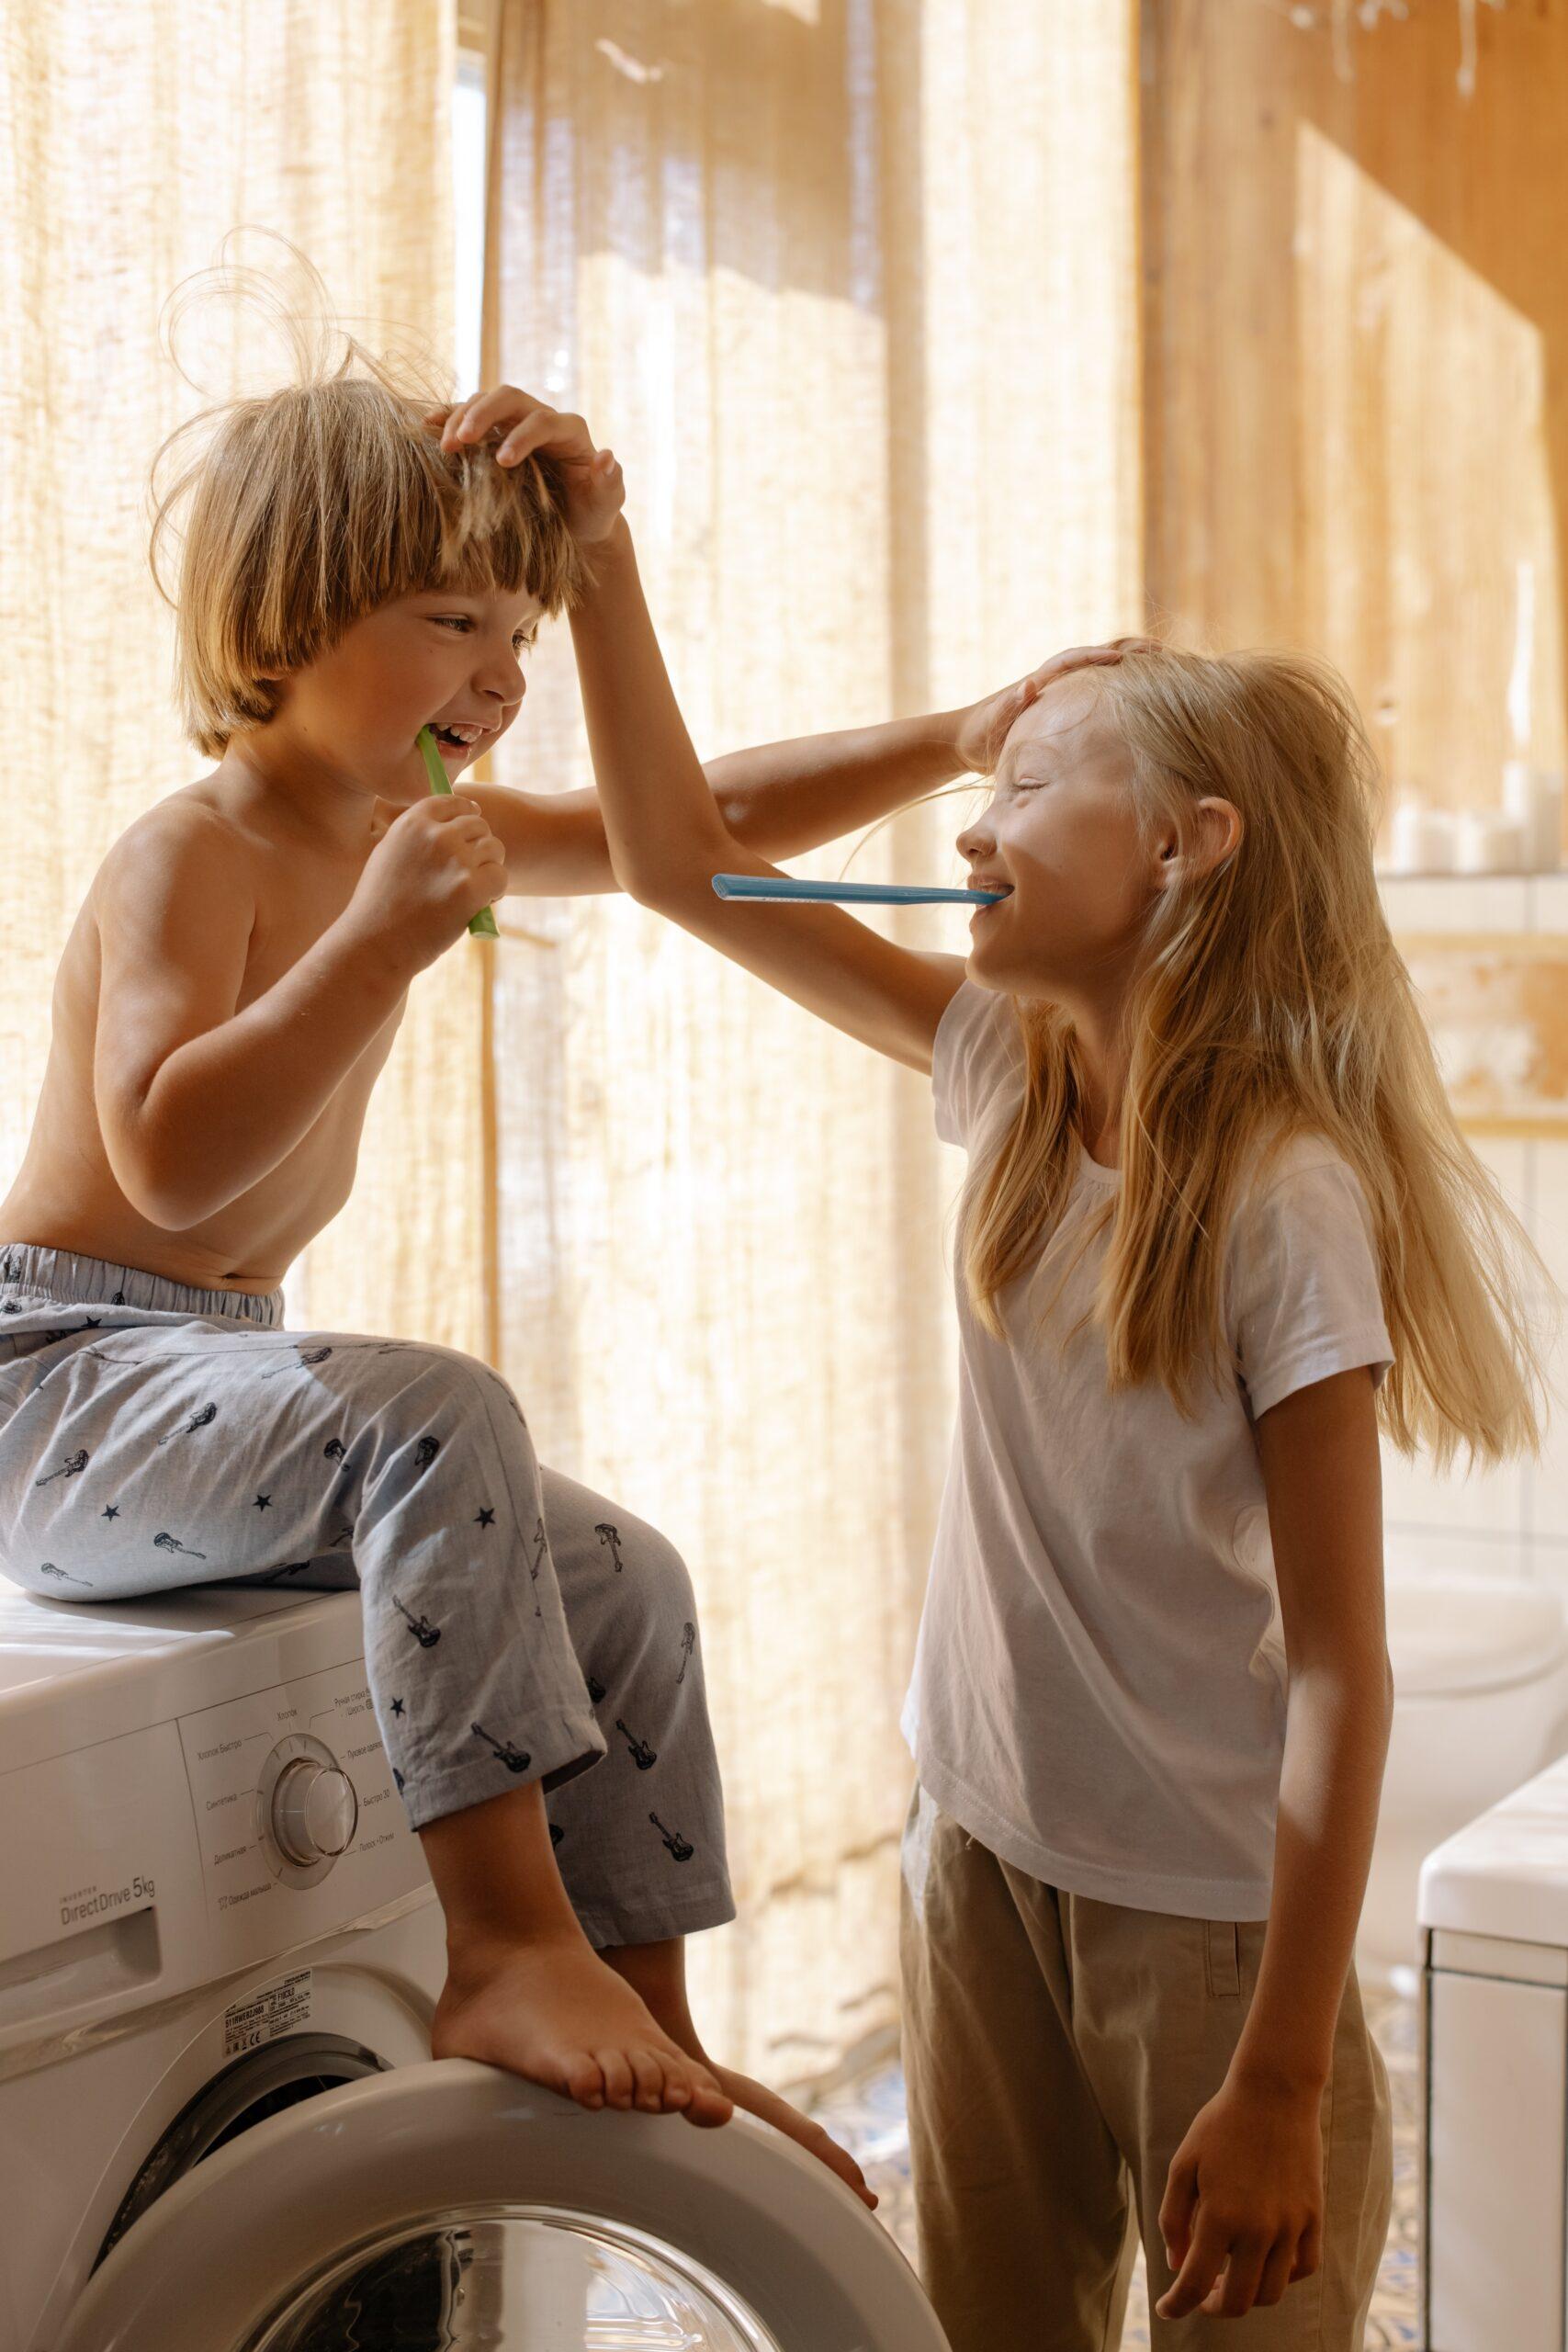 Hermano y hermana lavandose los dientes Encuentro Matrimonial